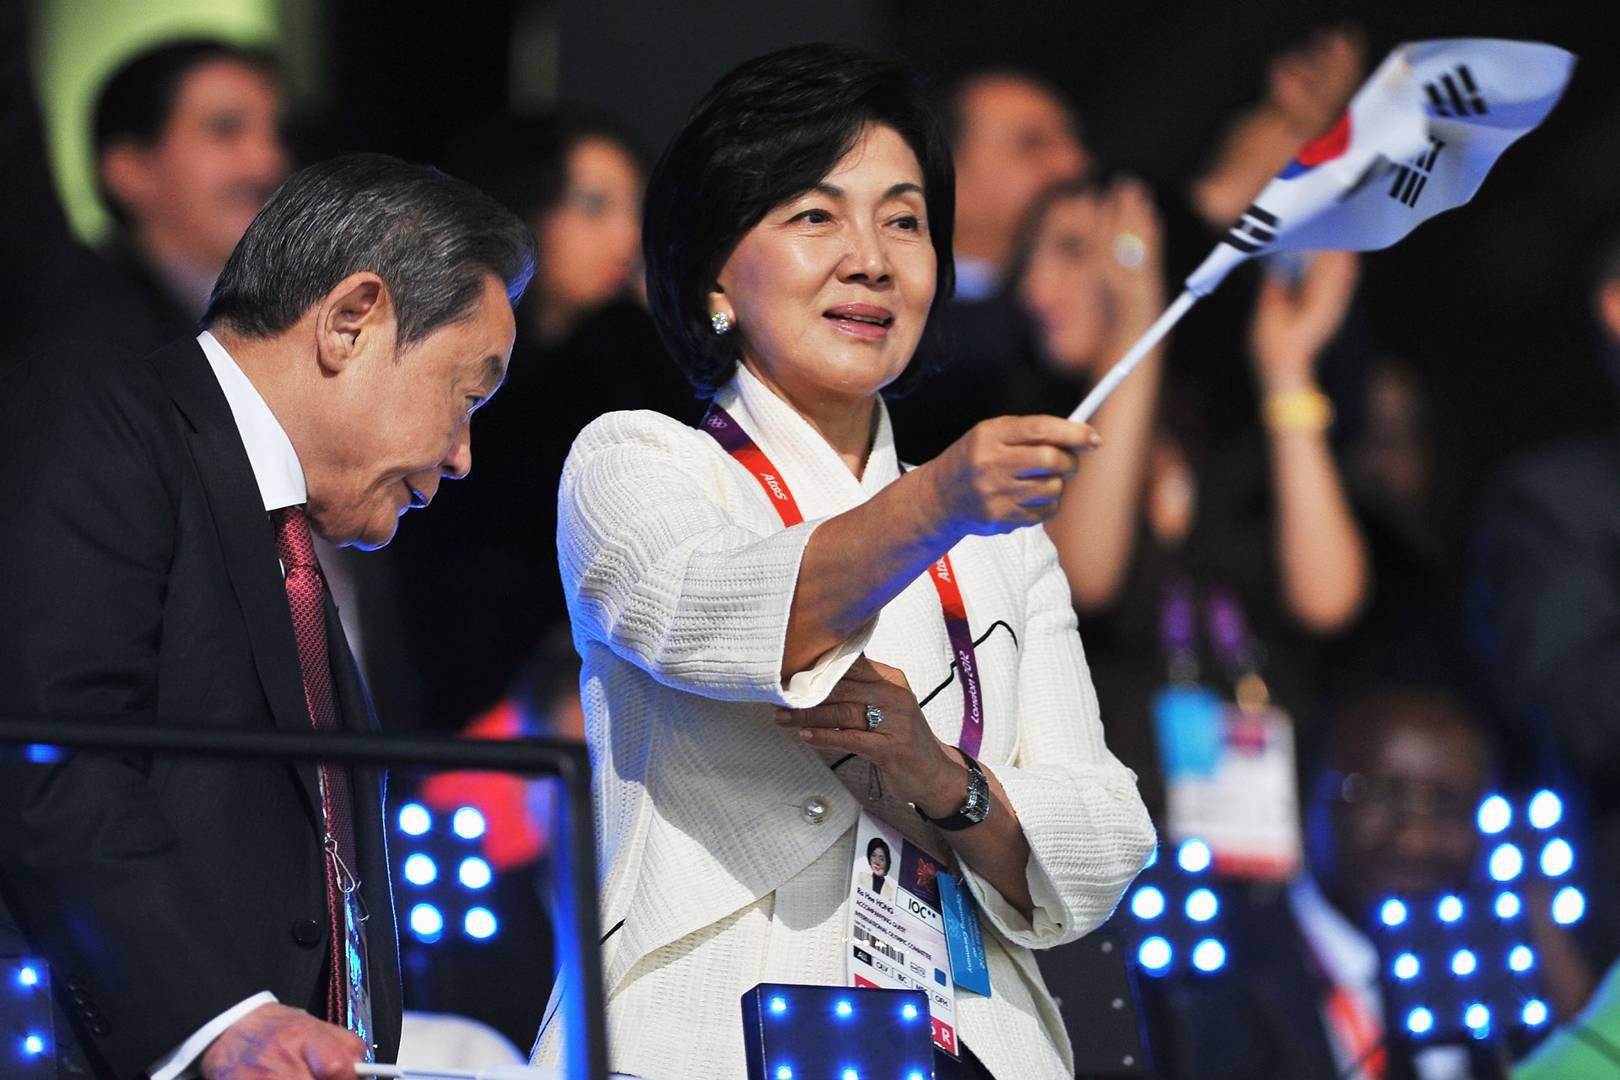 Người đàn bà quyền lực phía sau đế chế Samsung: Bóng hồng khiến cố chủ tịch Lee Kun Hee đến chết cũng không từ bỏ - Ảnh 2.